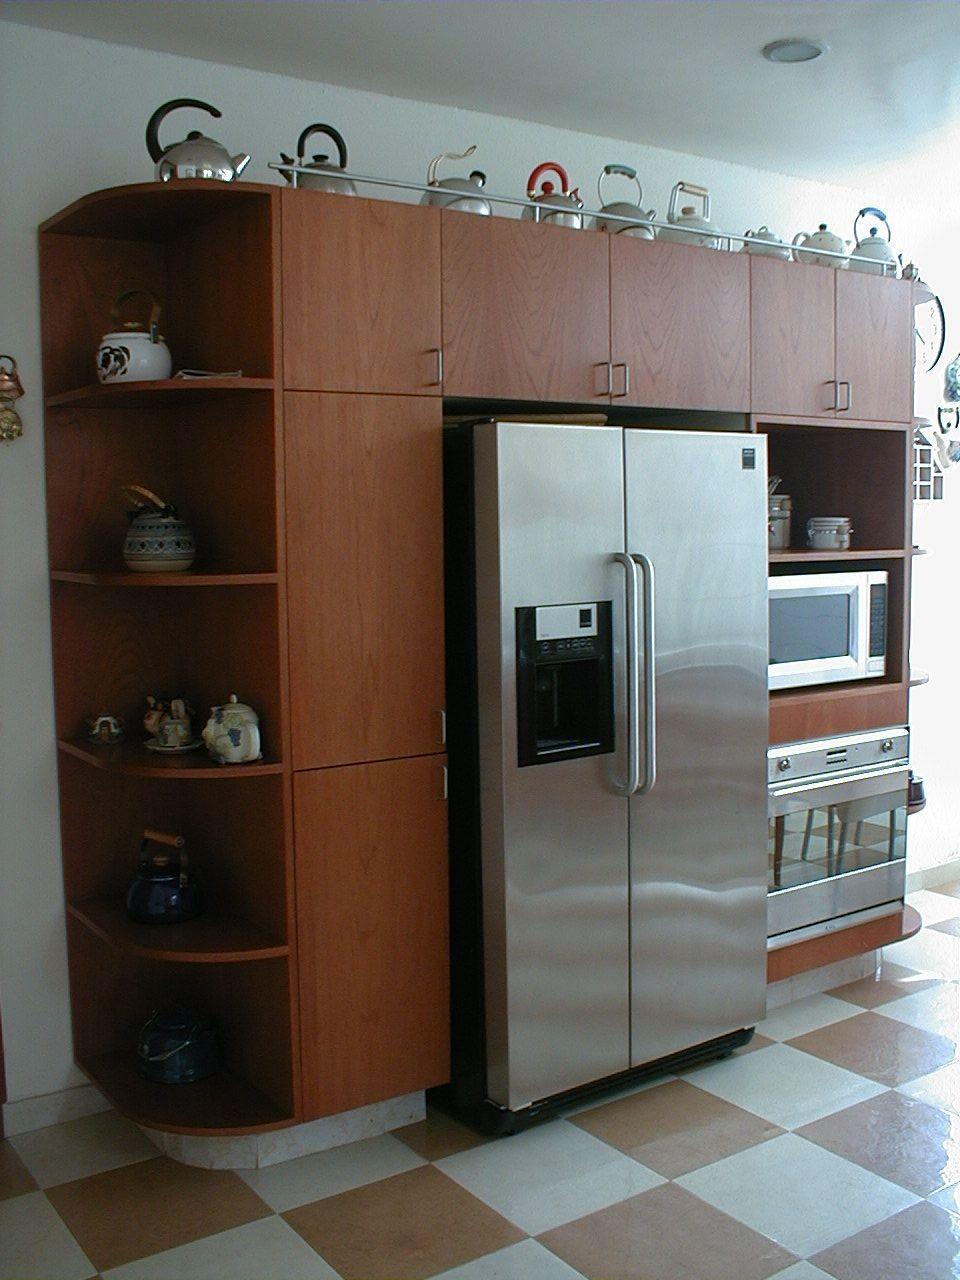 El refrigerador empotrado cocinas a la medida - Mueble para nevera ...